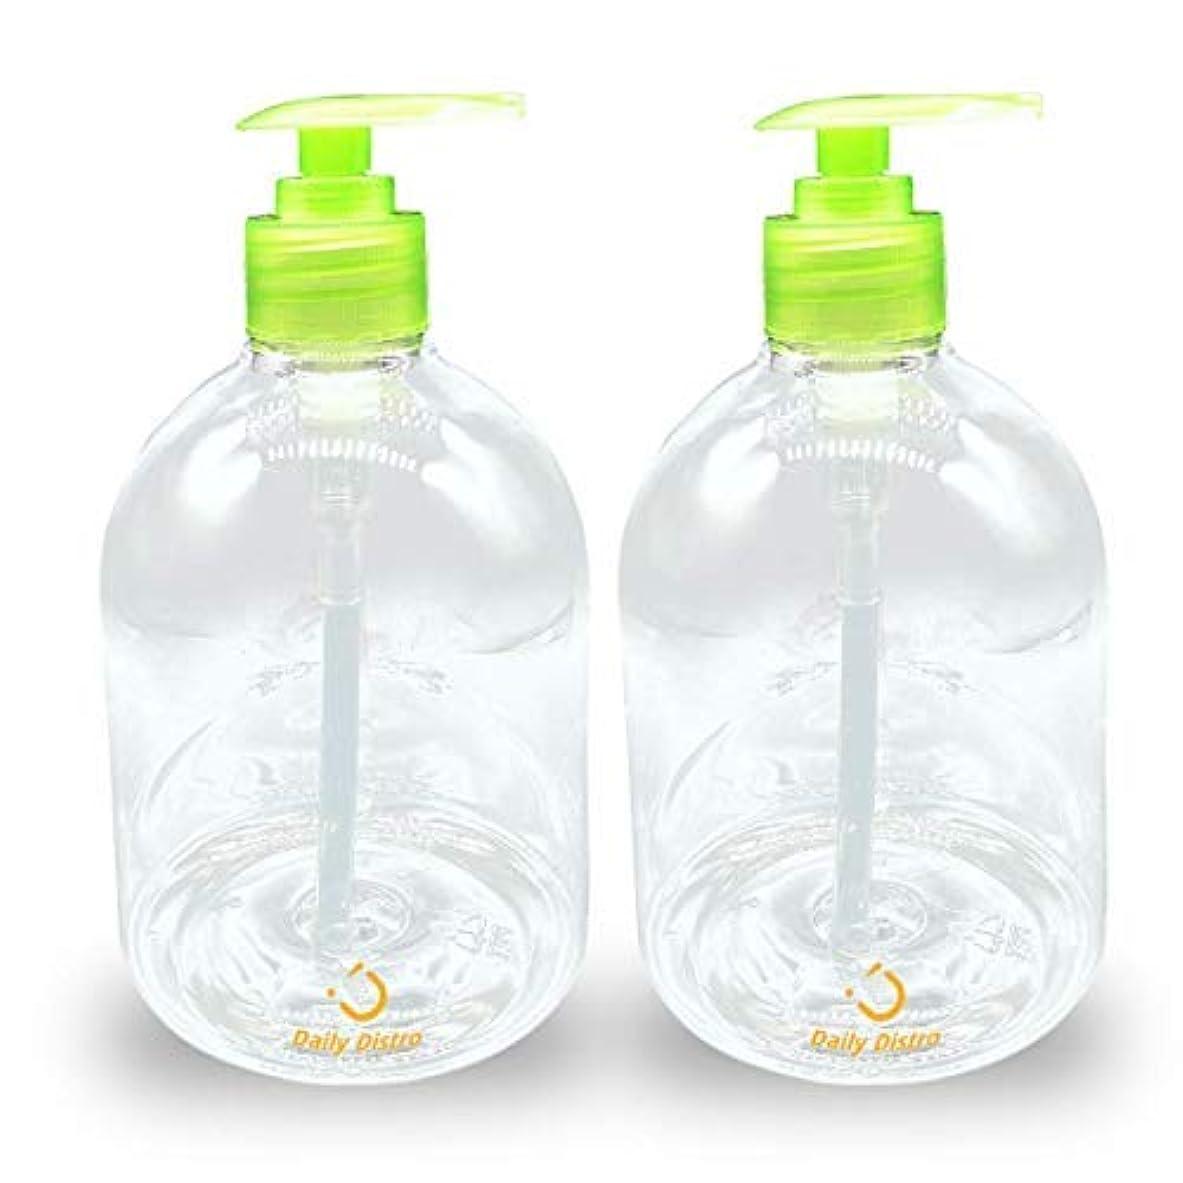 兄とても多くのゲインセイPack of 2 Clear PET Empty Bottle with Green Pump 16-Ounce, great for Essential Oils, Lotions, Liquid Soaps [並行輸入品]